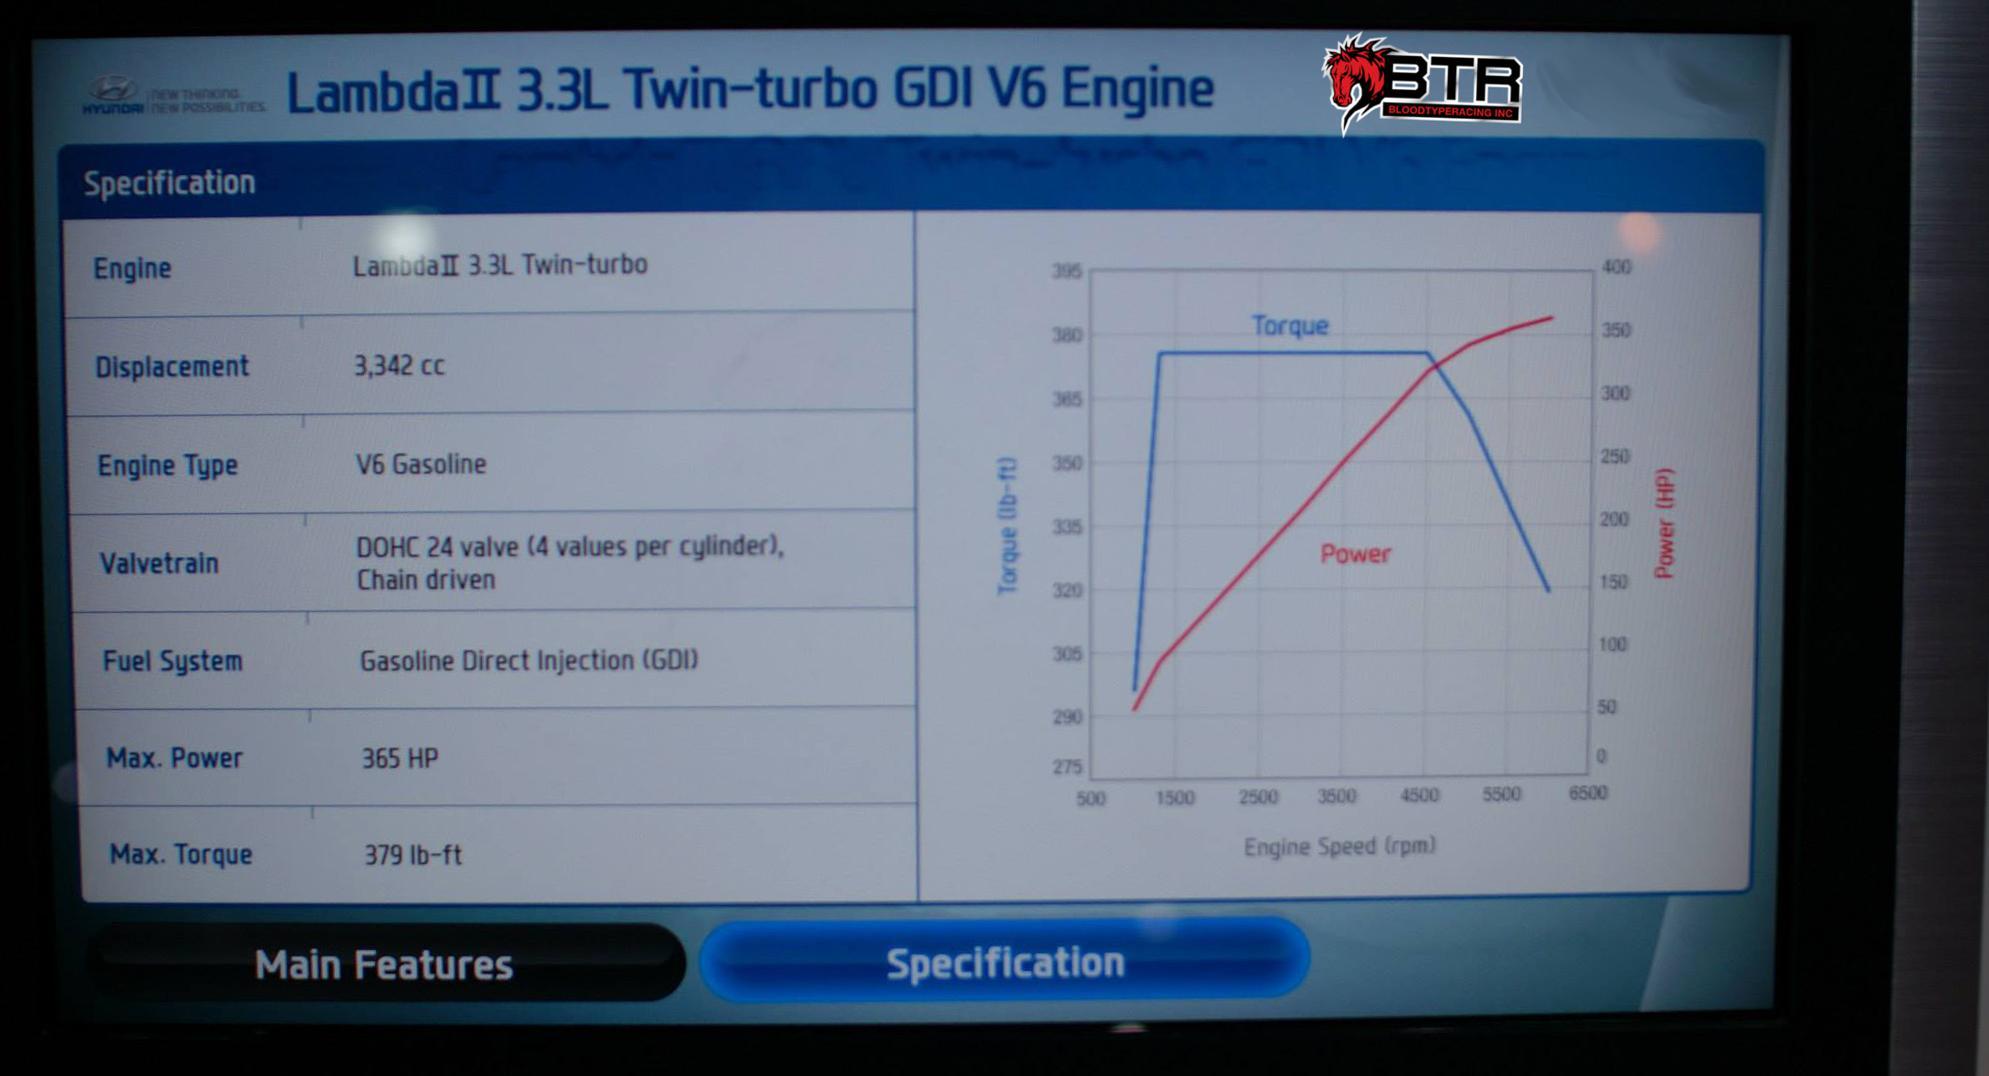 Hyundai_Lambda_3.3L_Turbo_V6_1